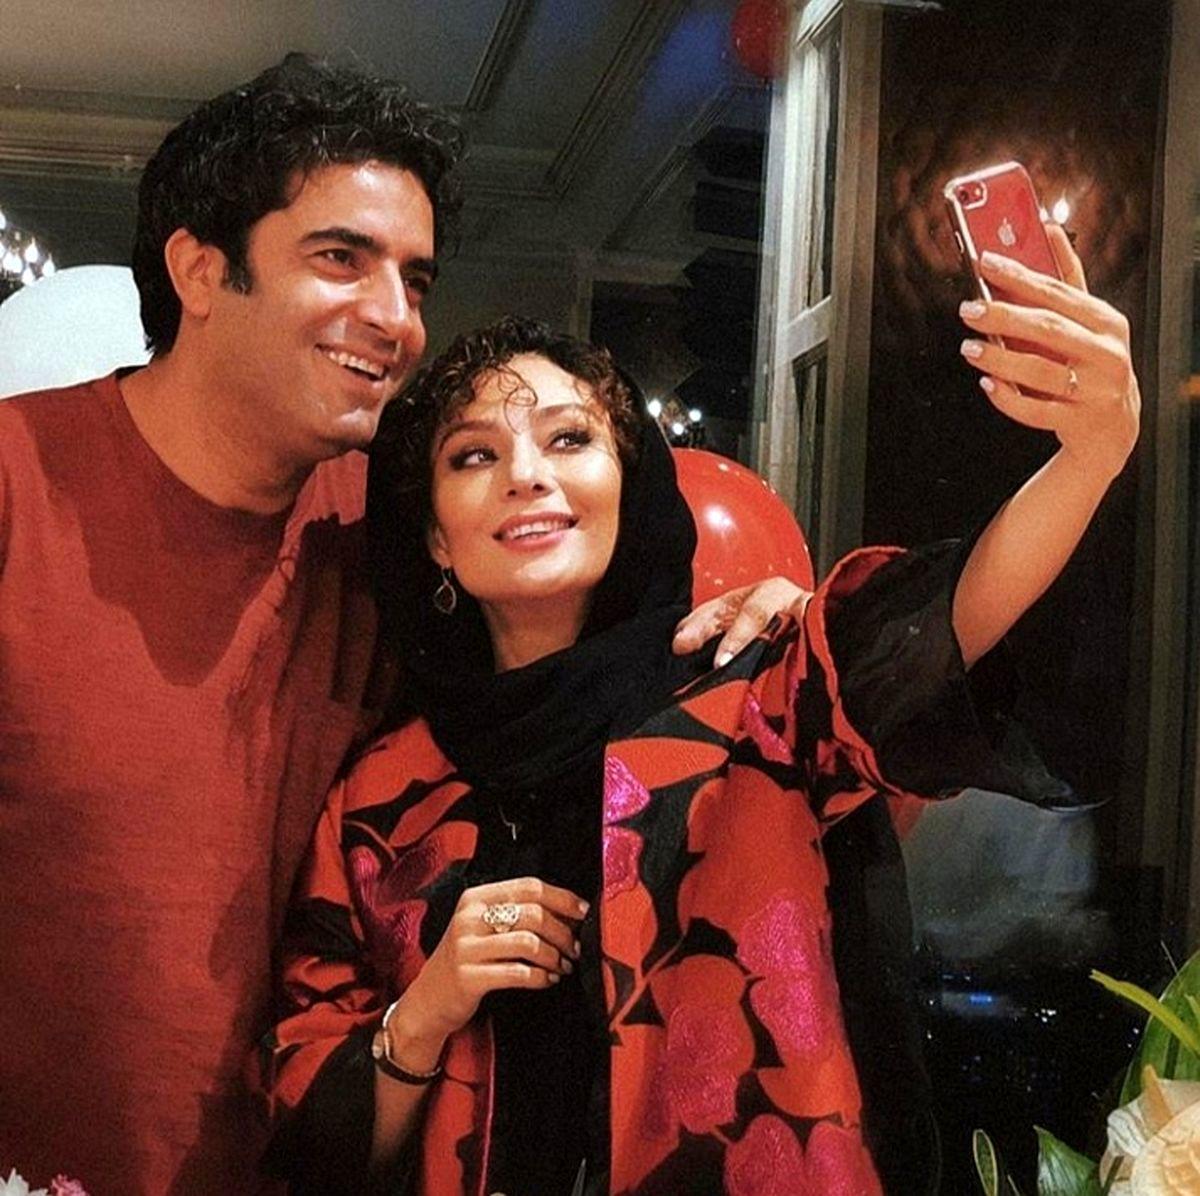 یکتا ناصر از خواهر و شوهر خواهرش رونمایی کرد + عکس